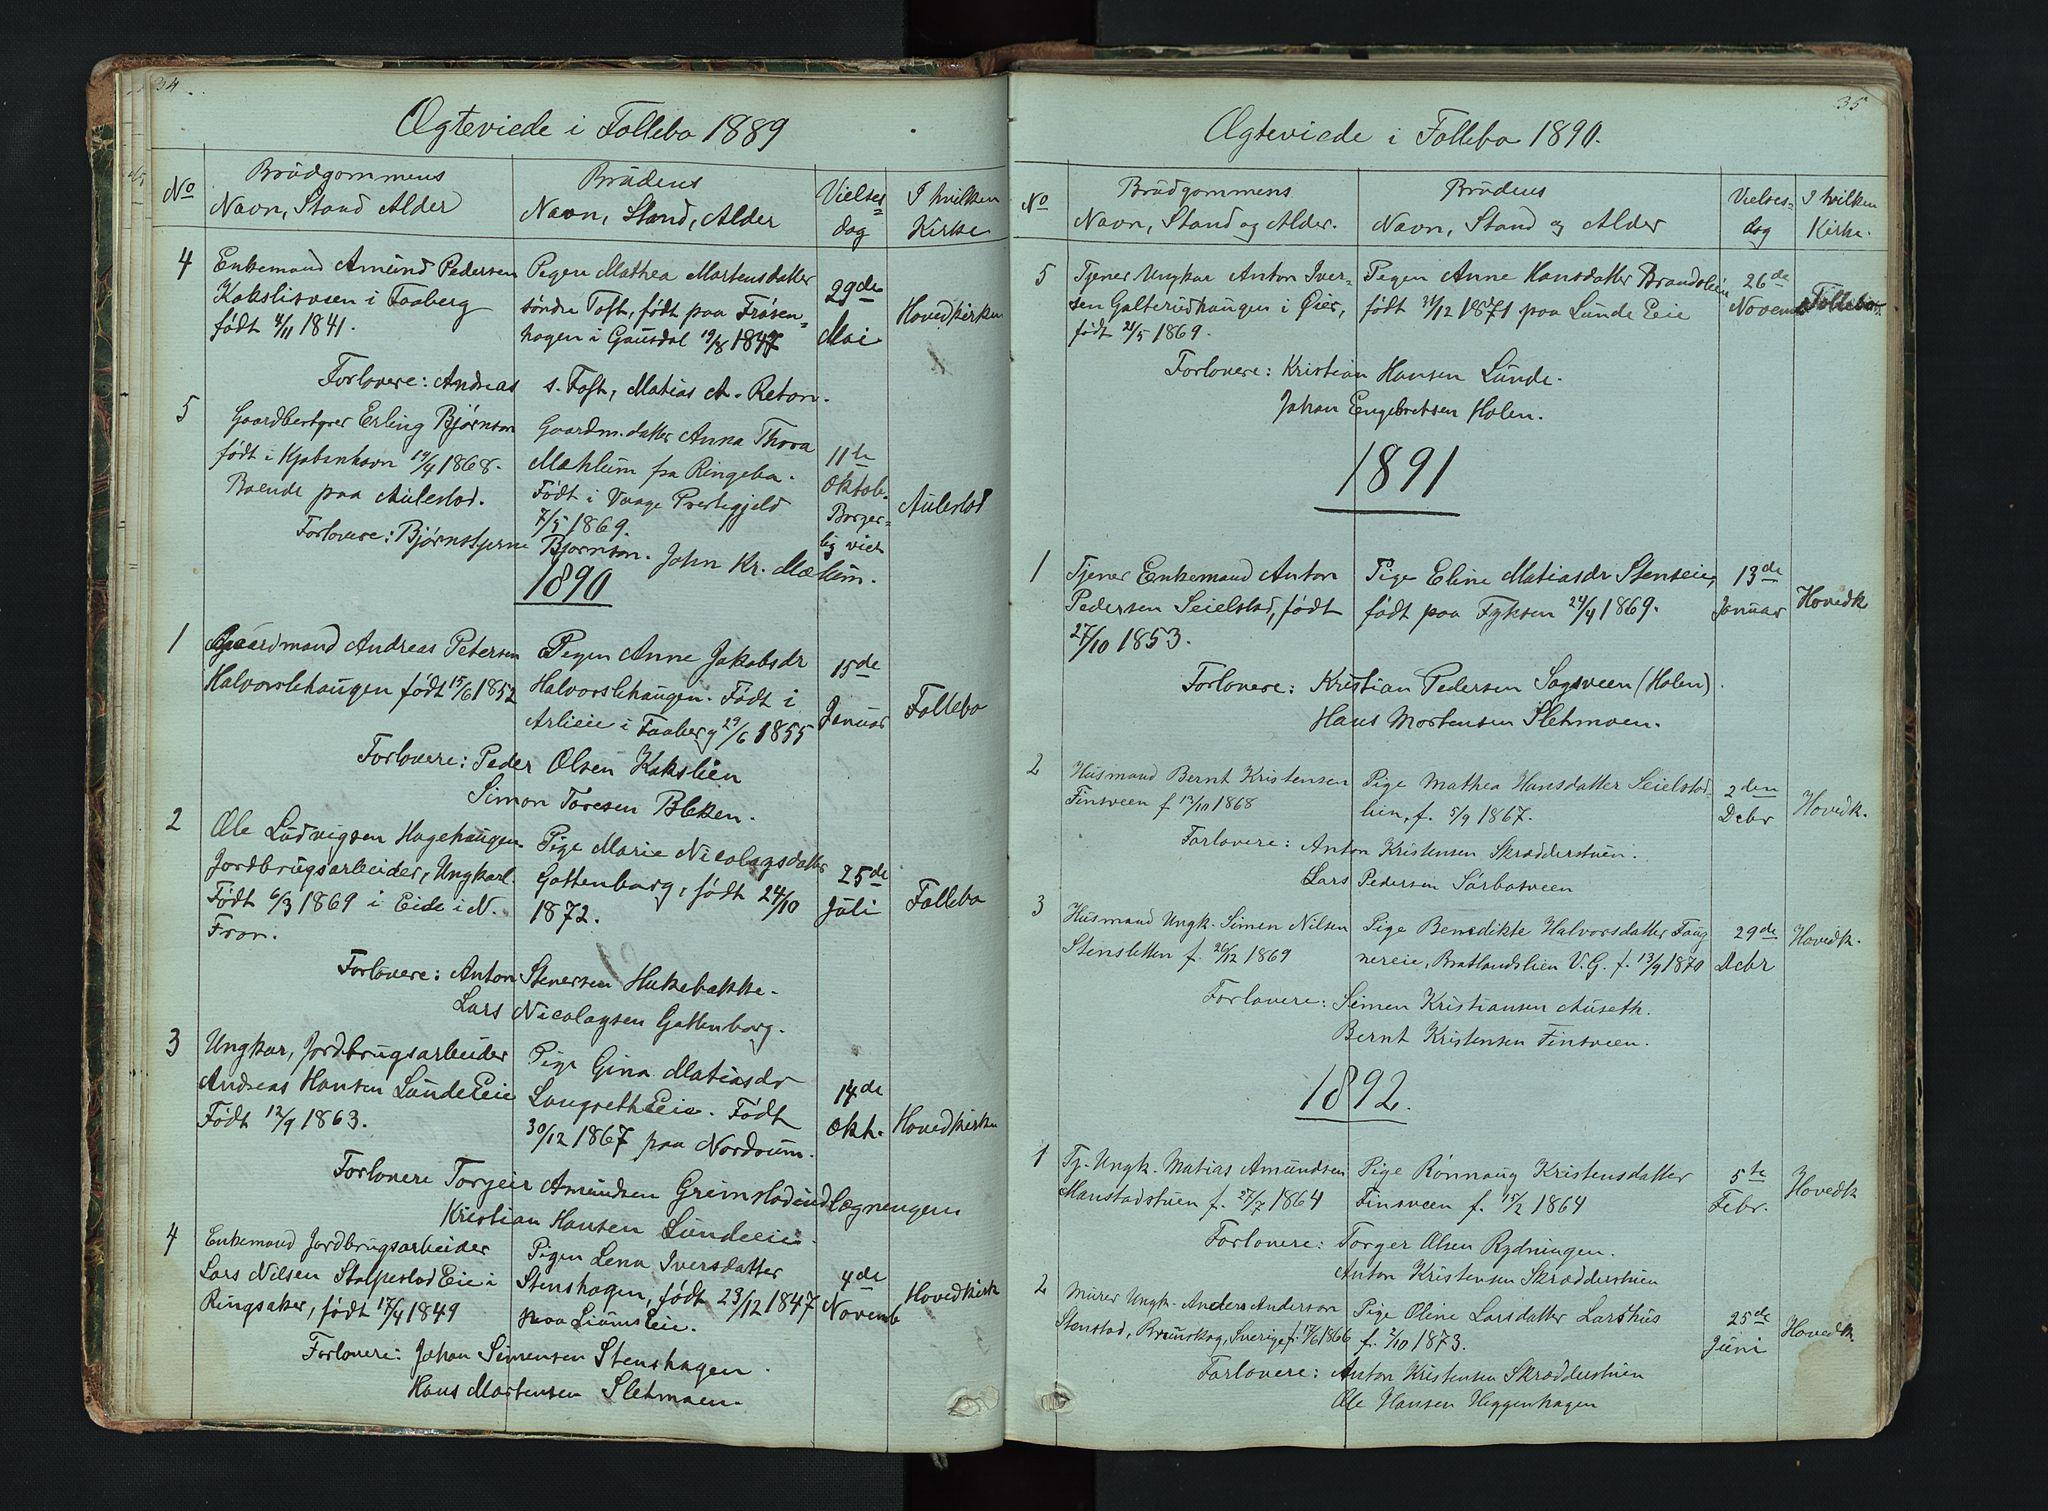 SAH, Gausdal prestekontor, Klokkerbok nr. 6, 1846-1893, s. 34-35